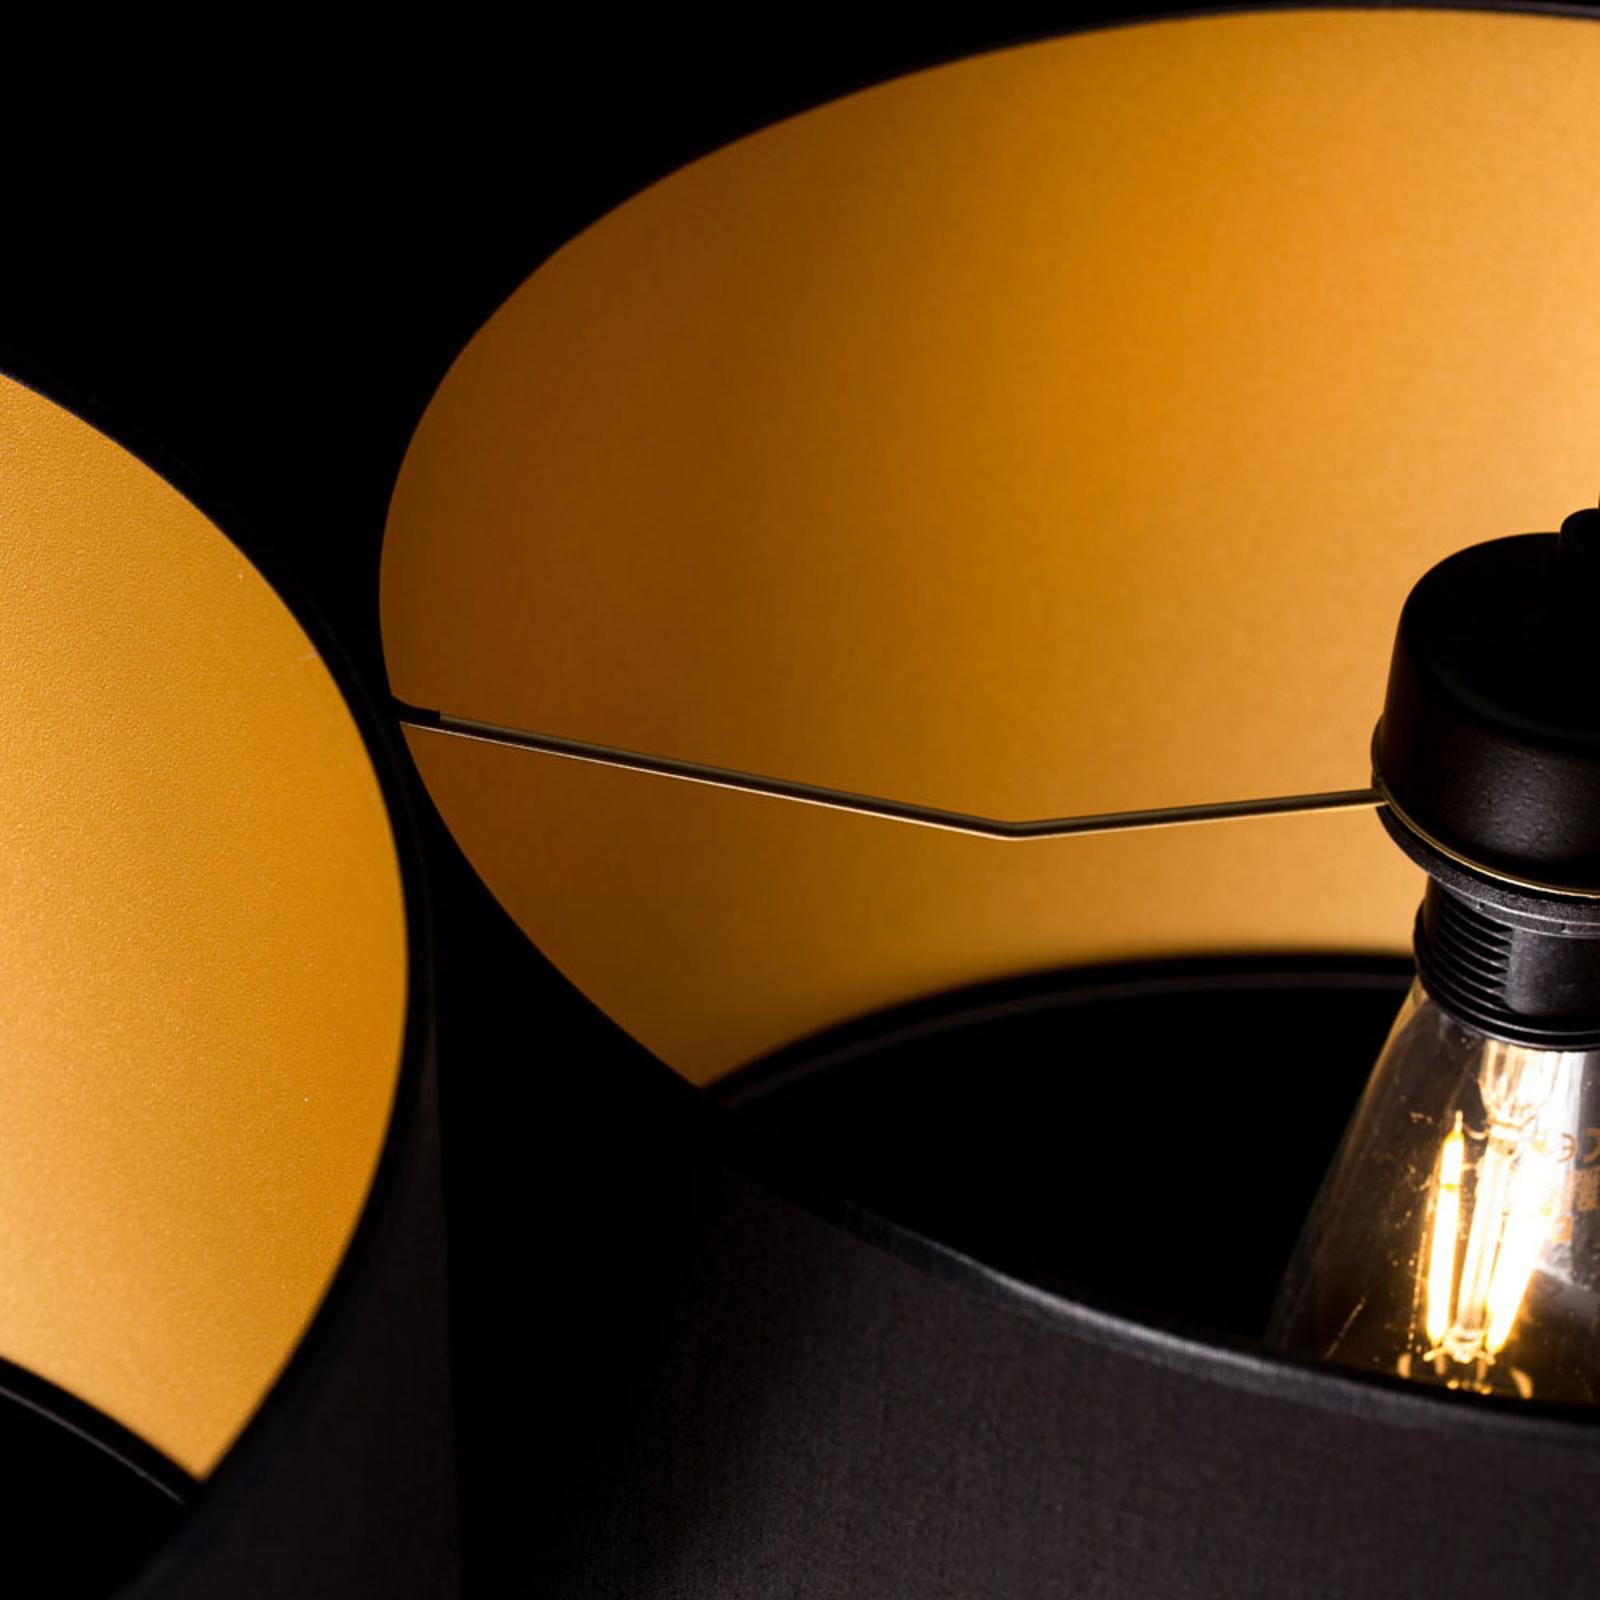 Lampa wisząca Roto 2 czarna, klosze wewnątrz złote